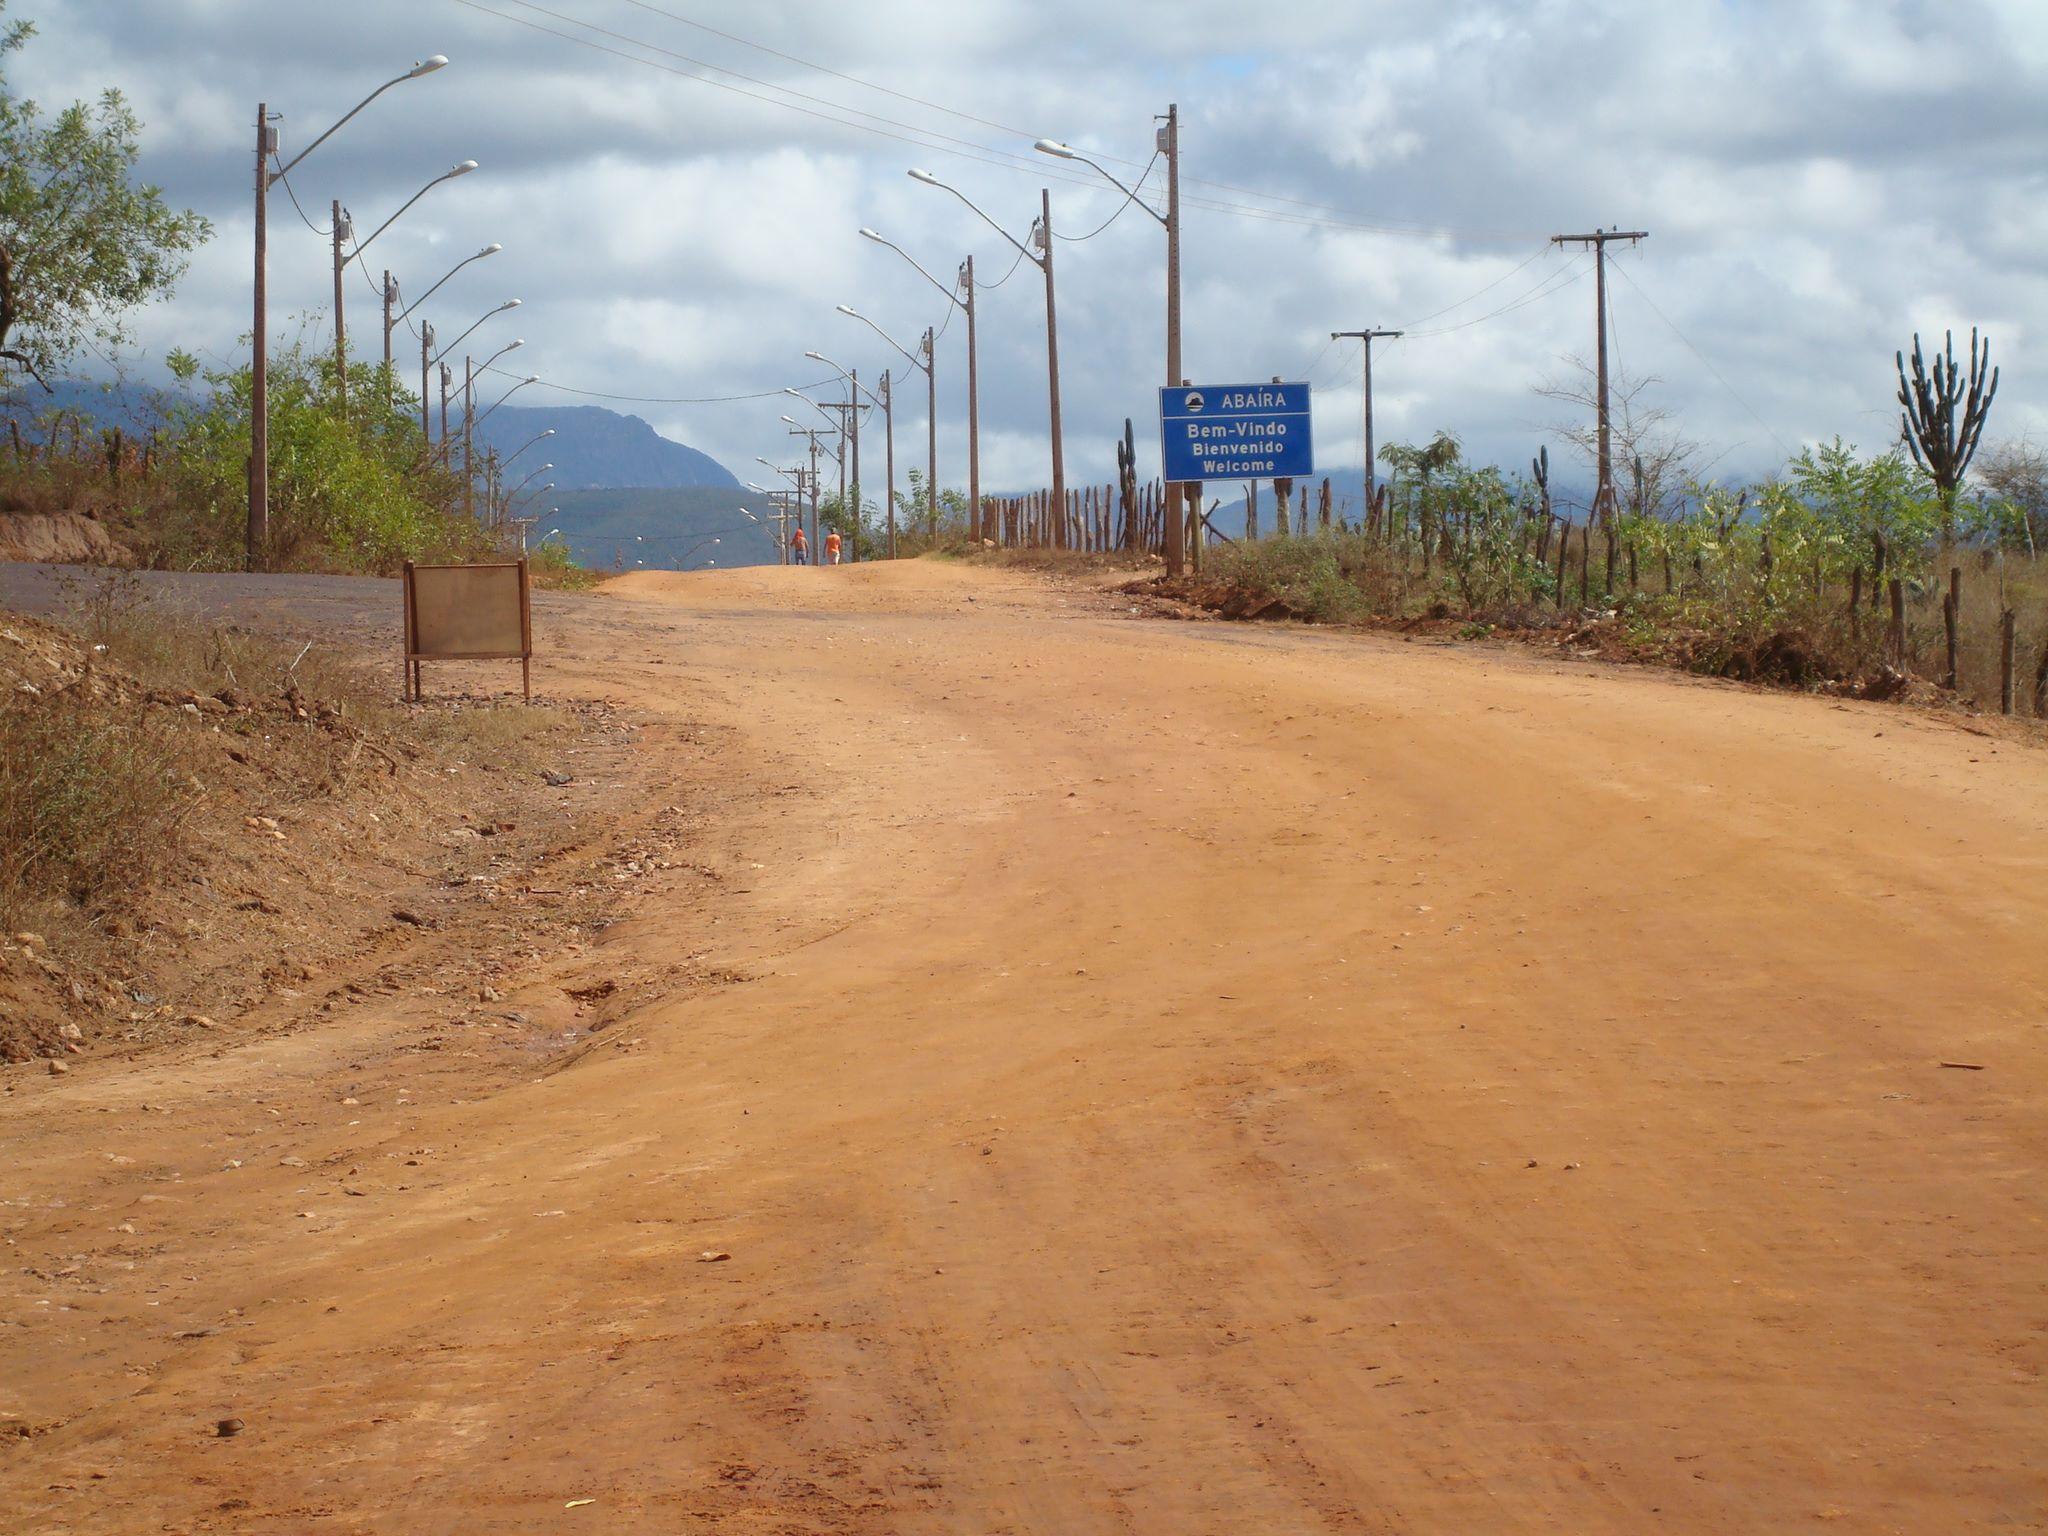 Fotos-uit-de-regio-van-Ibitiara-en-Seabra-aan-de-grote-BR-242-39